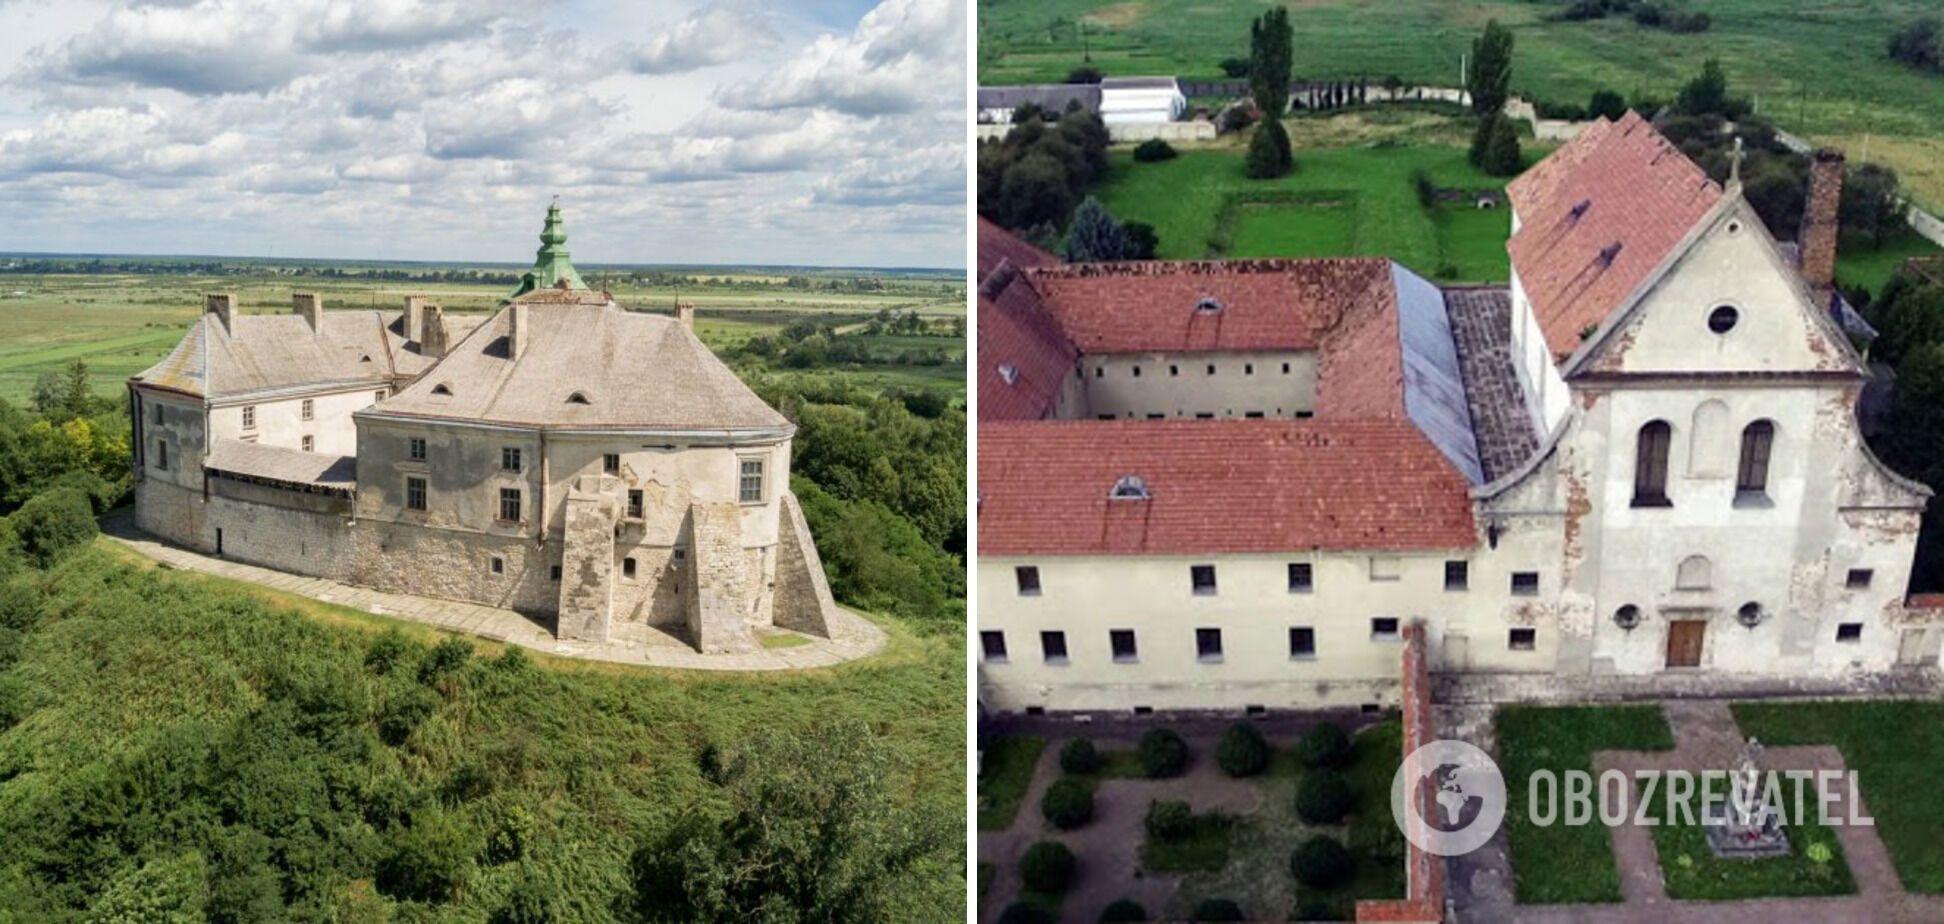 Олеcский замок и костел Капуцинов у подножия крепости планируют реставрировать.